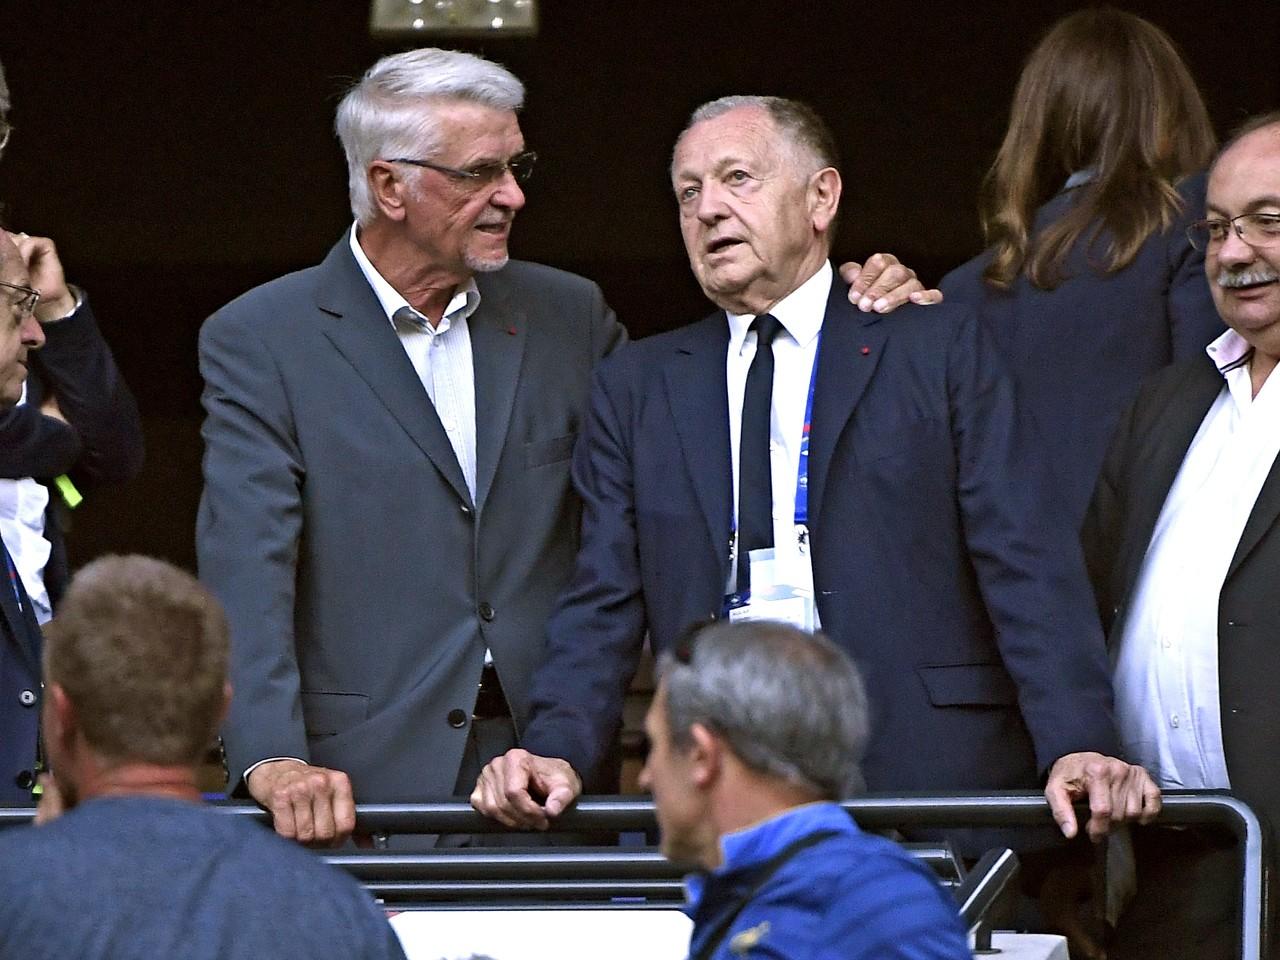 奥拉斯:里昂完成了自我逾越,鲁迪-加西亚是杰出的教练